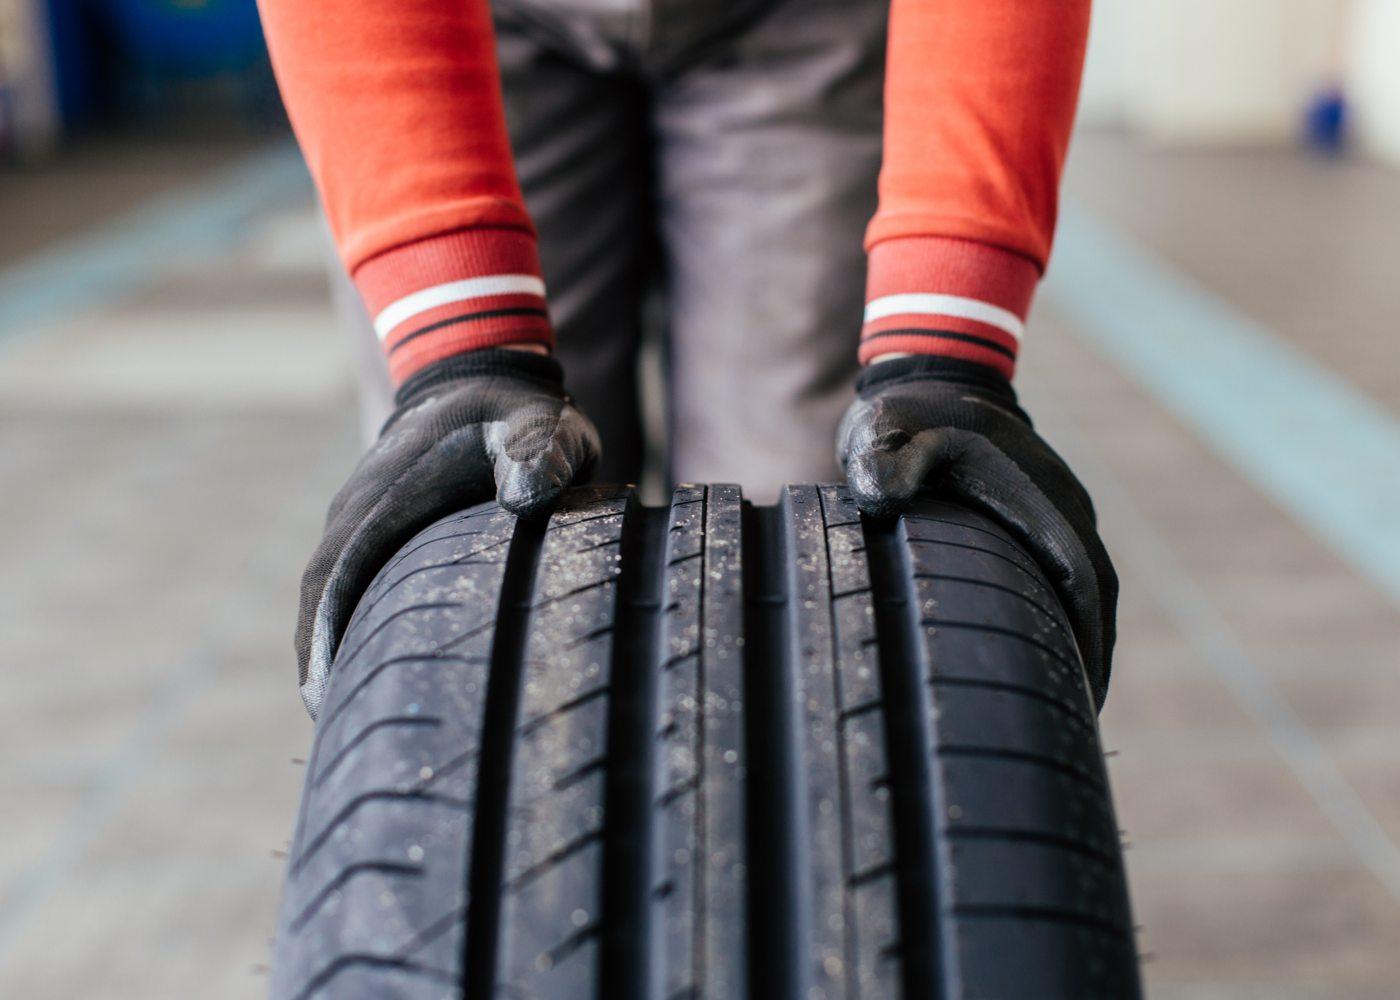 homem a mover pneu